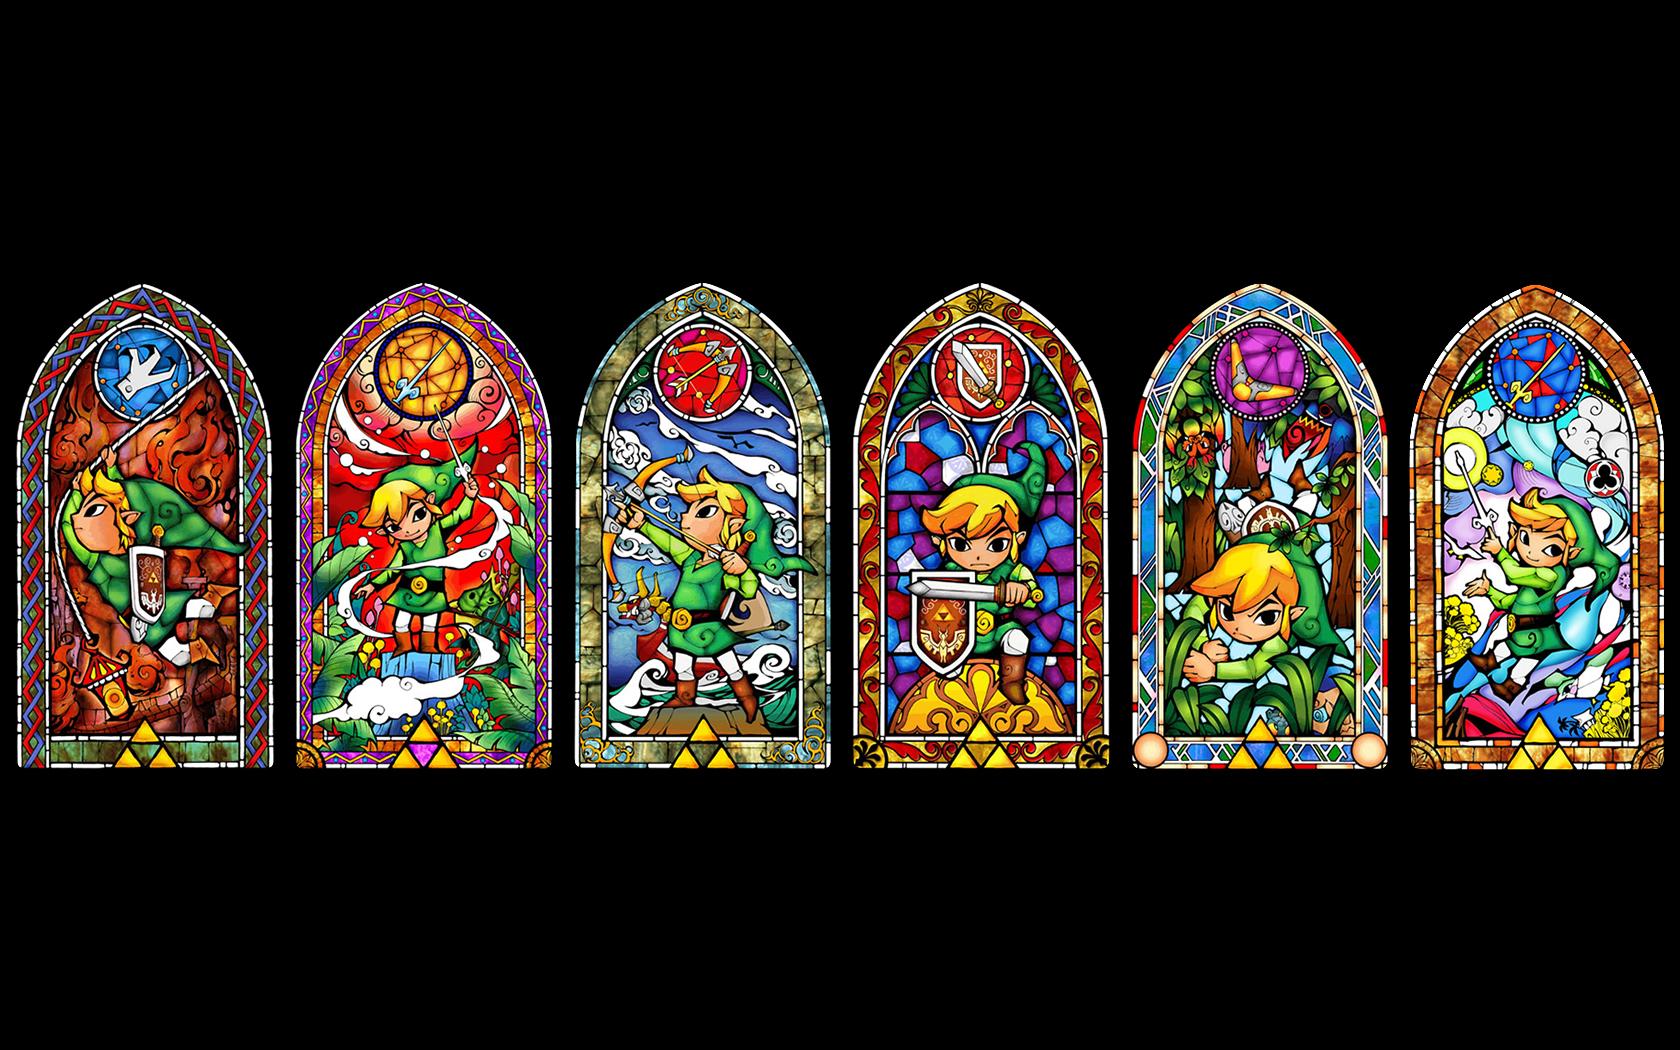 HD wallpaper Nintendo Zelda The Legend Of Zelda Hd Wallpapers by 1680x1050